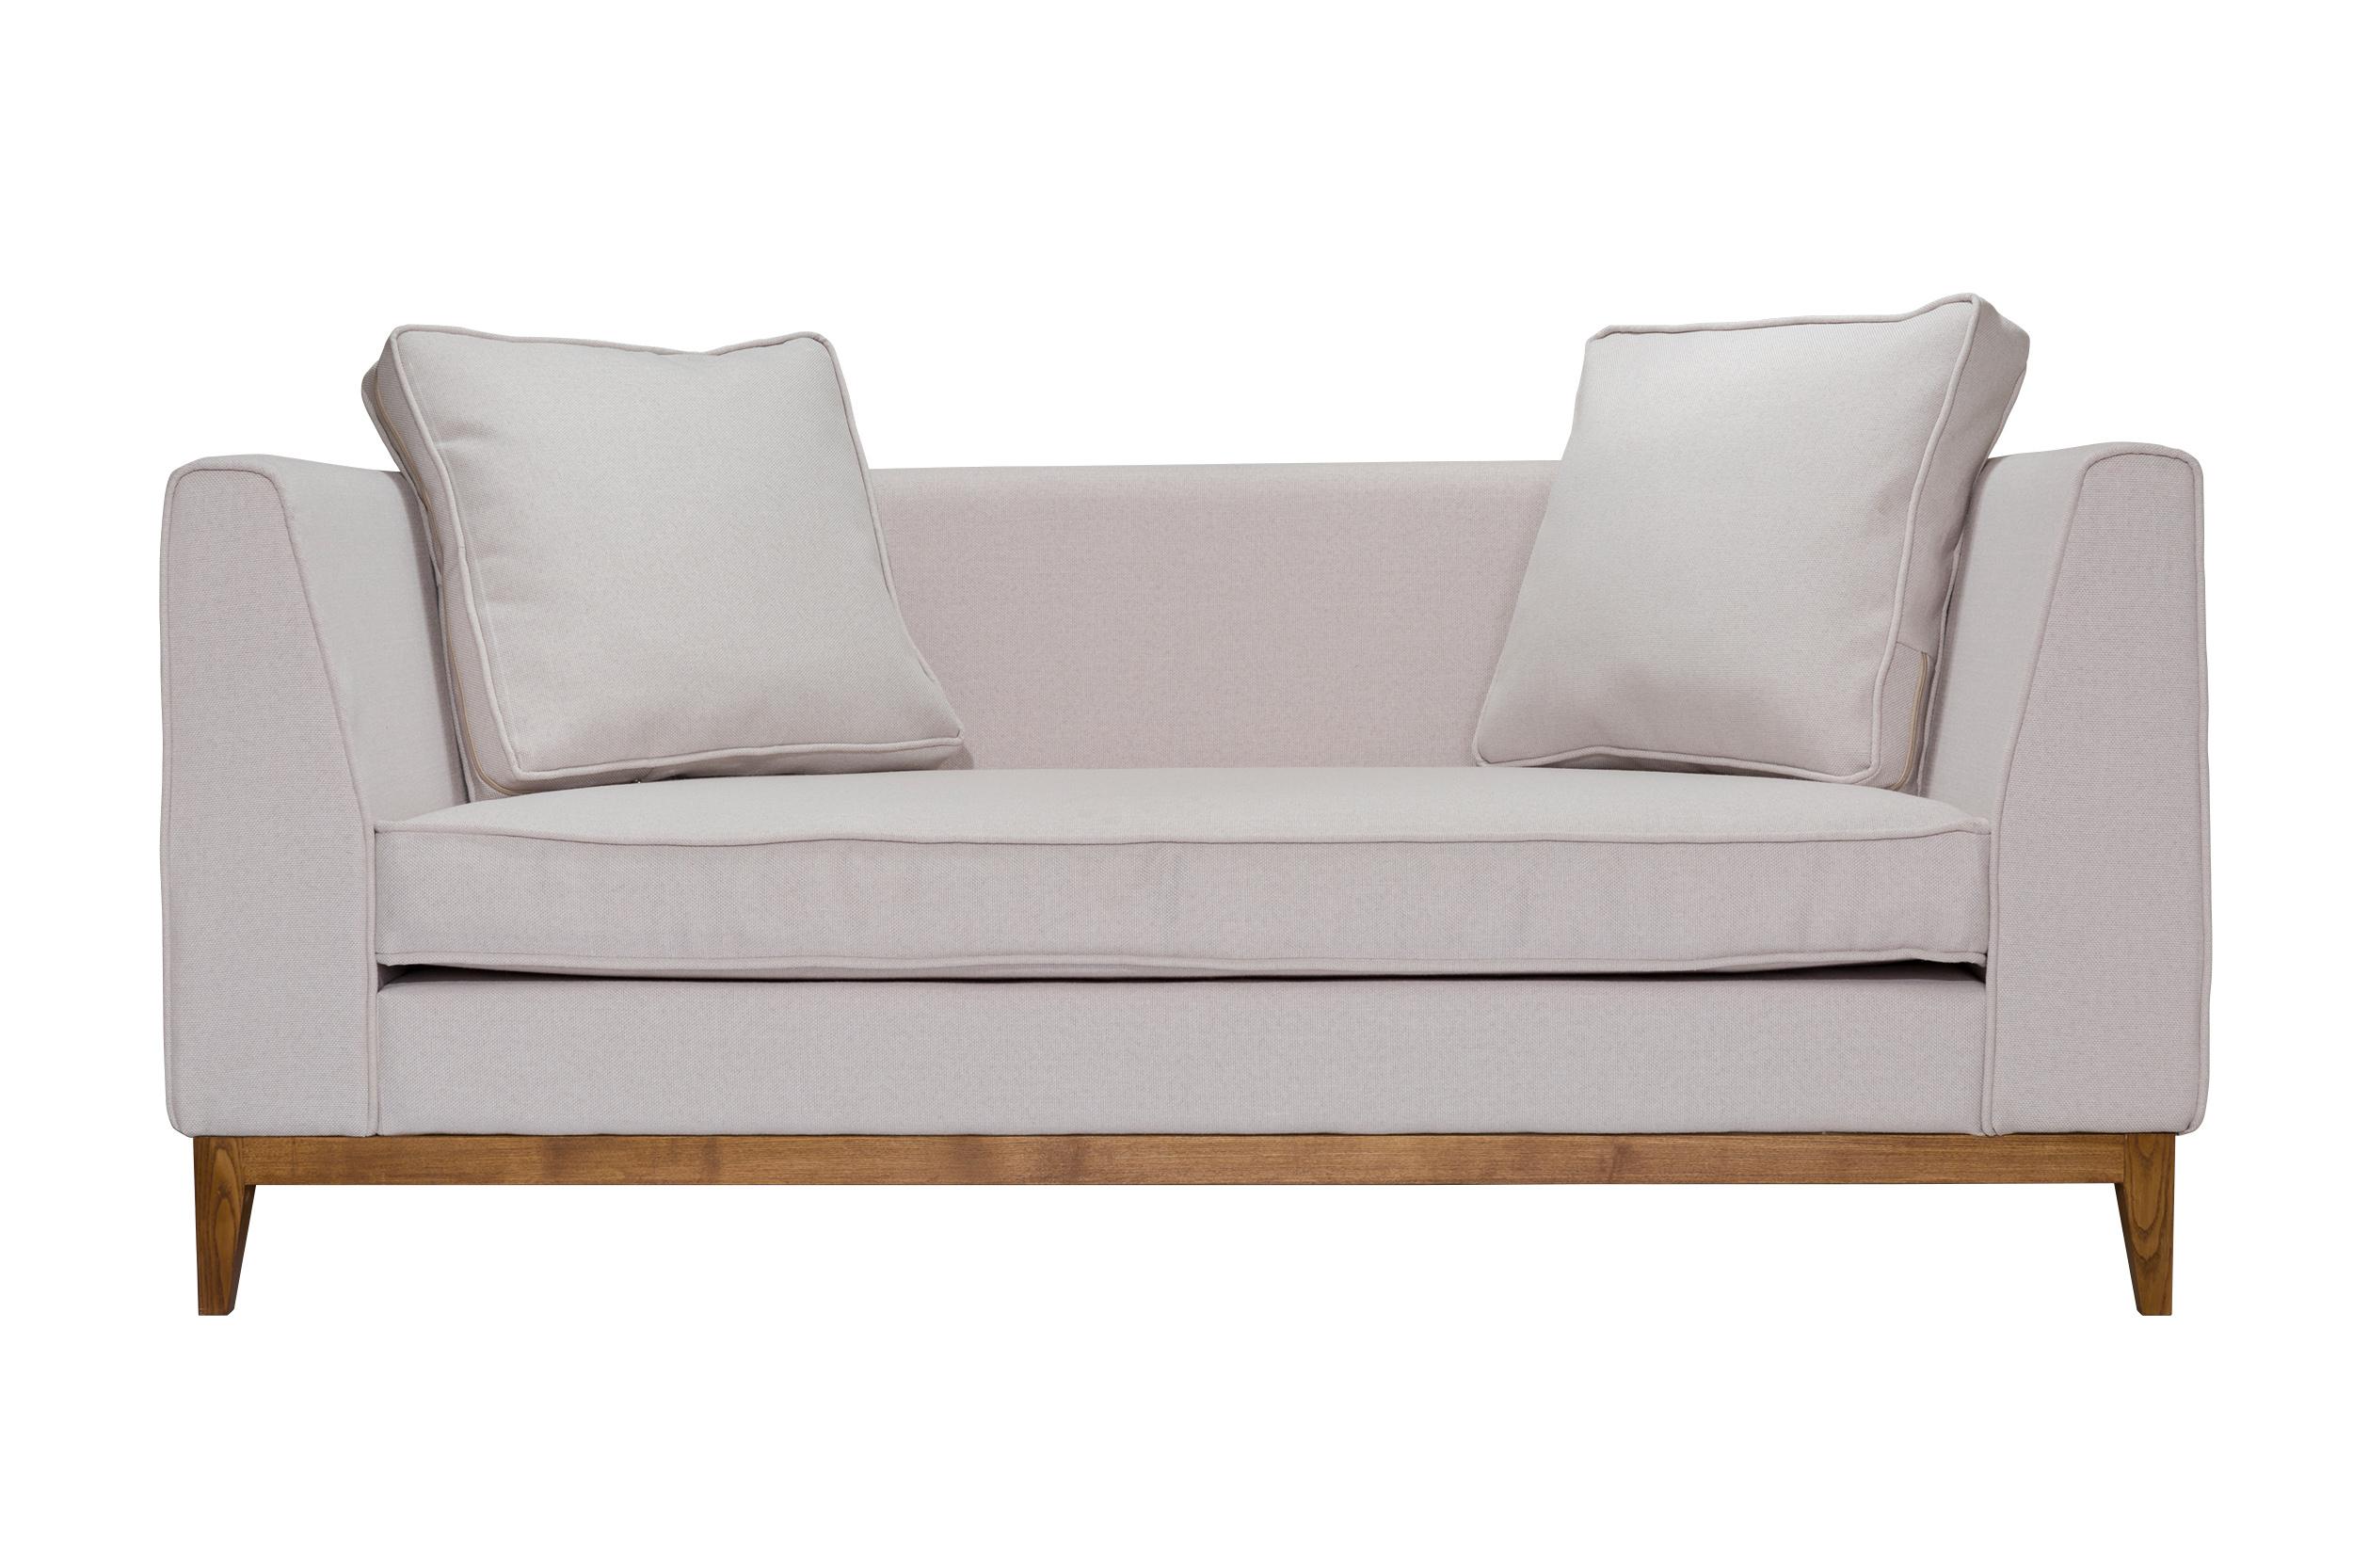 Диван MiamiДвухместные диваны<br>&amp;lt;div&amp;gt;&amp;lt;span style=&amp;quot;font-size: 14px;&amp;quot;&amp;gt;Этот диван мог бы быть в любой из картин Алекса Колвилла или он мог бы стоять в бунгало в прибрежной линии. Простой, но не &amp;quot;простецкий,&amp;quot; диван &amp;quot;Miami&amp;quot; - это образец универсальности, который освежит любой интерьер.&amp;lt;/span&amp;gt;&amp;lt;/div&amp;gt;&amp;lt;div&amp;gt;&amp;lt;span style=&amp;quot;font-size: 14px;&amp;quot;&amp;gt;&amp;lt;br&amp;gt;&amp;lt;/span&amp;gt;&amp;lt;/div&amp;gt;&amp;lt;div&amp;gt;&amp;lt;span style=&amp;quot;font-size: 14px;&amp;quot;&amp;gt;Опоры: массив дуба. &amp;amp;nbsp;&amp;amp;nbsp;&amp;lt;/span&amp;gt;&amp;lt;br&amp;gt;&amp;lt;/div&amp;gt;&amp;lt;div&amp;gt;&amp;lt;br&amp;gt;&amp;lt;/div&amp;gt;<br><br>Material: Текстиль<br>Width см: 170<br>Depth см: 90<br>Height см: 73